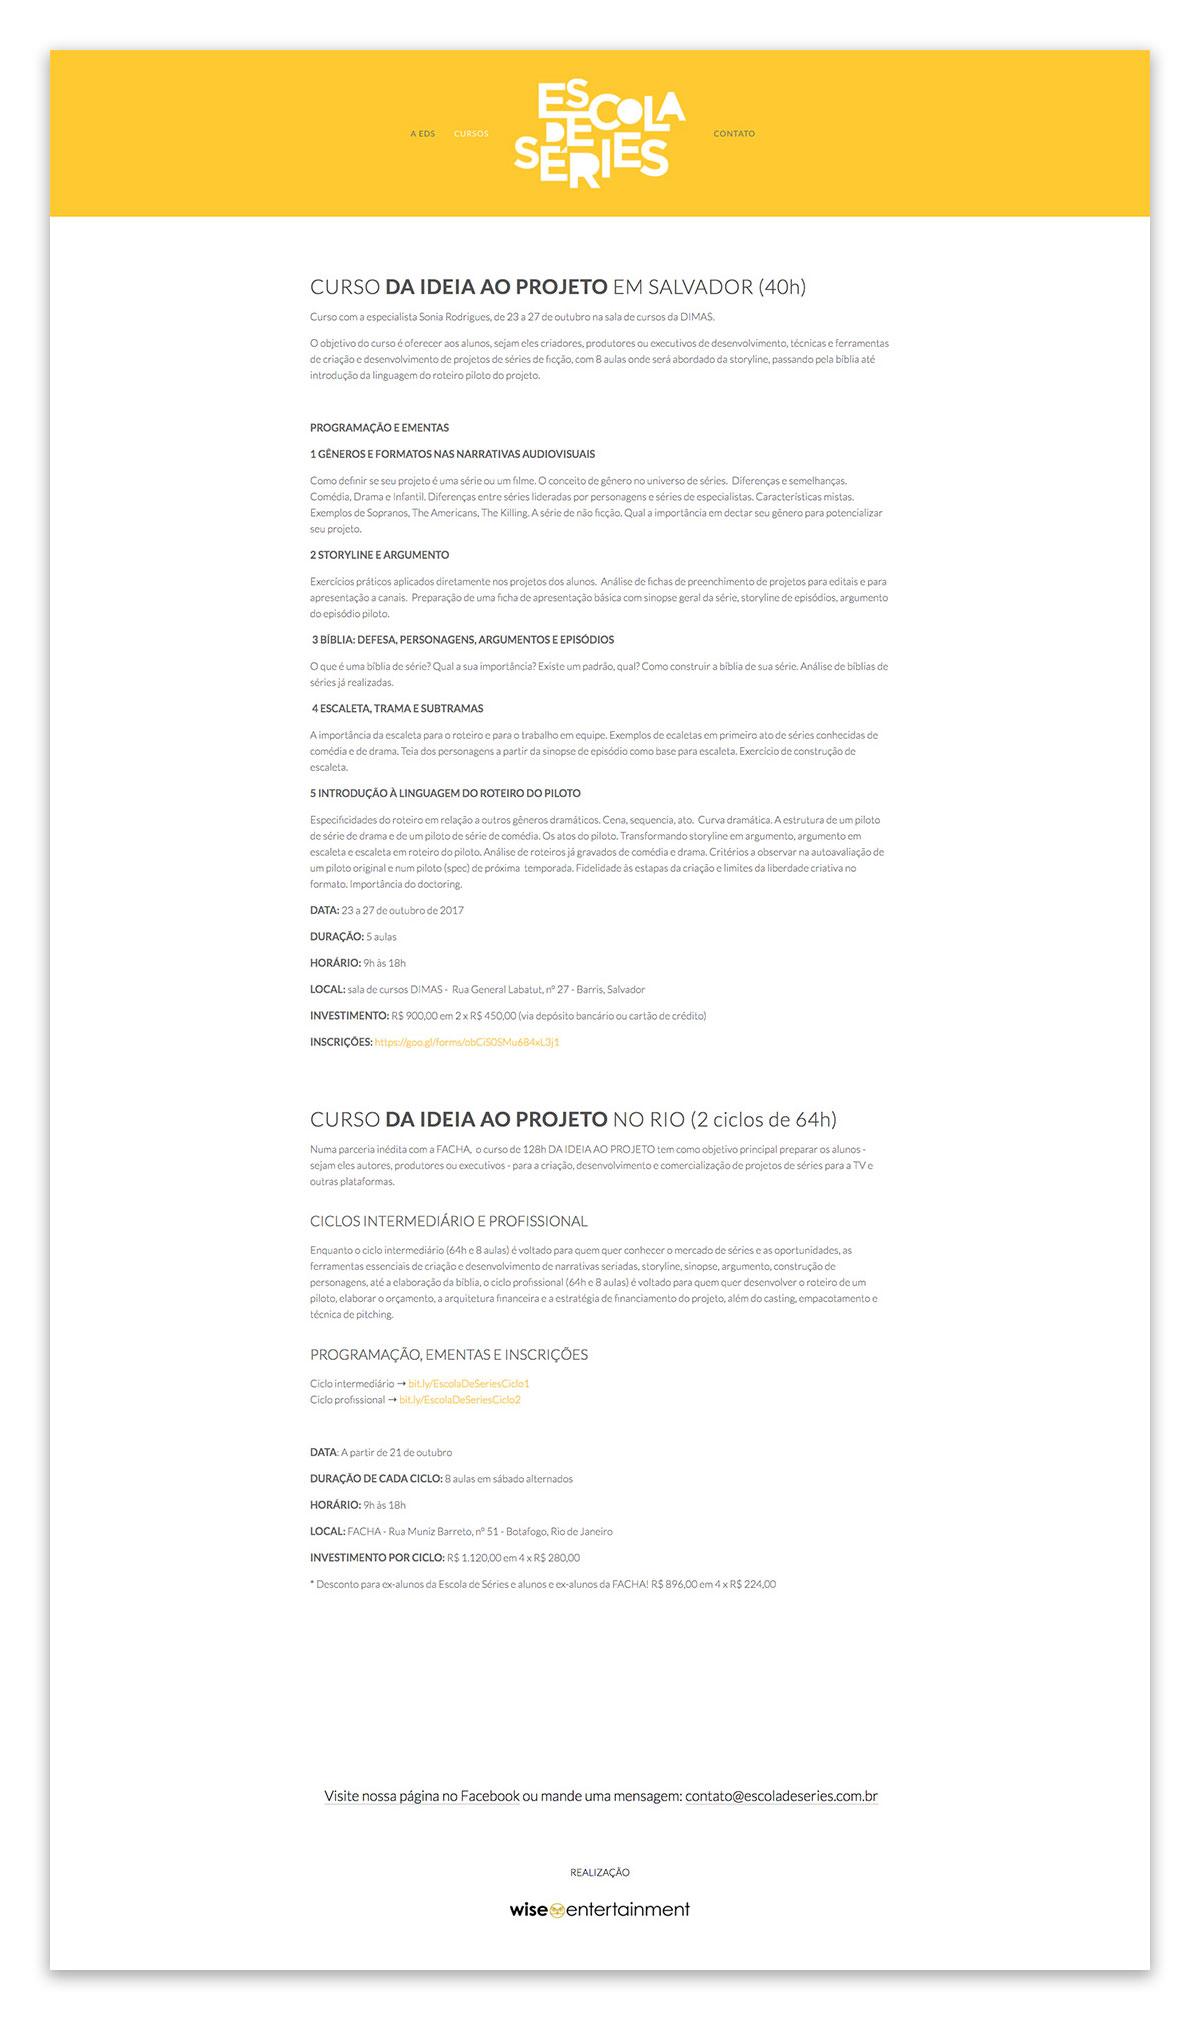 screencapture-escoladeseries-br-cursos-1518593599025.jpg